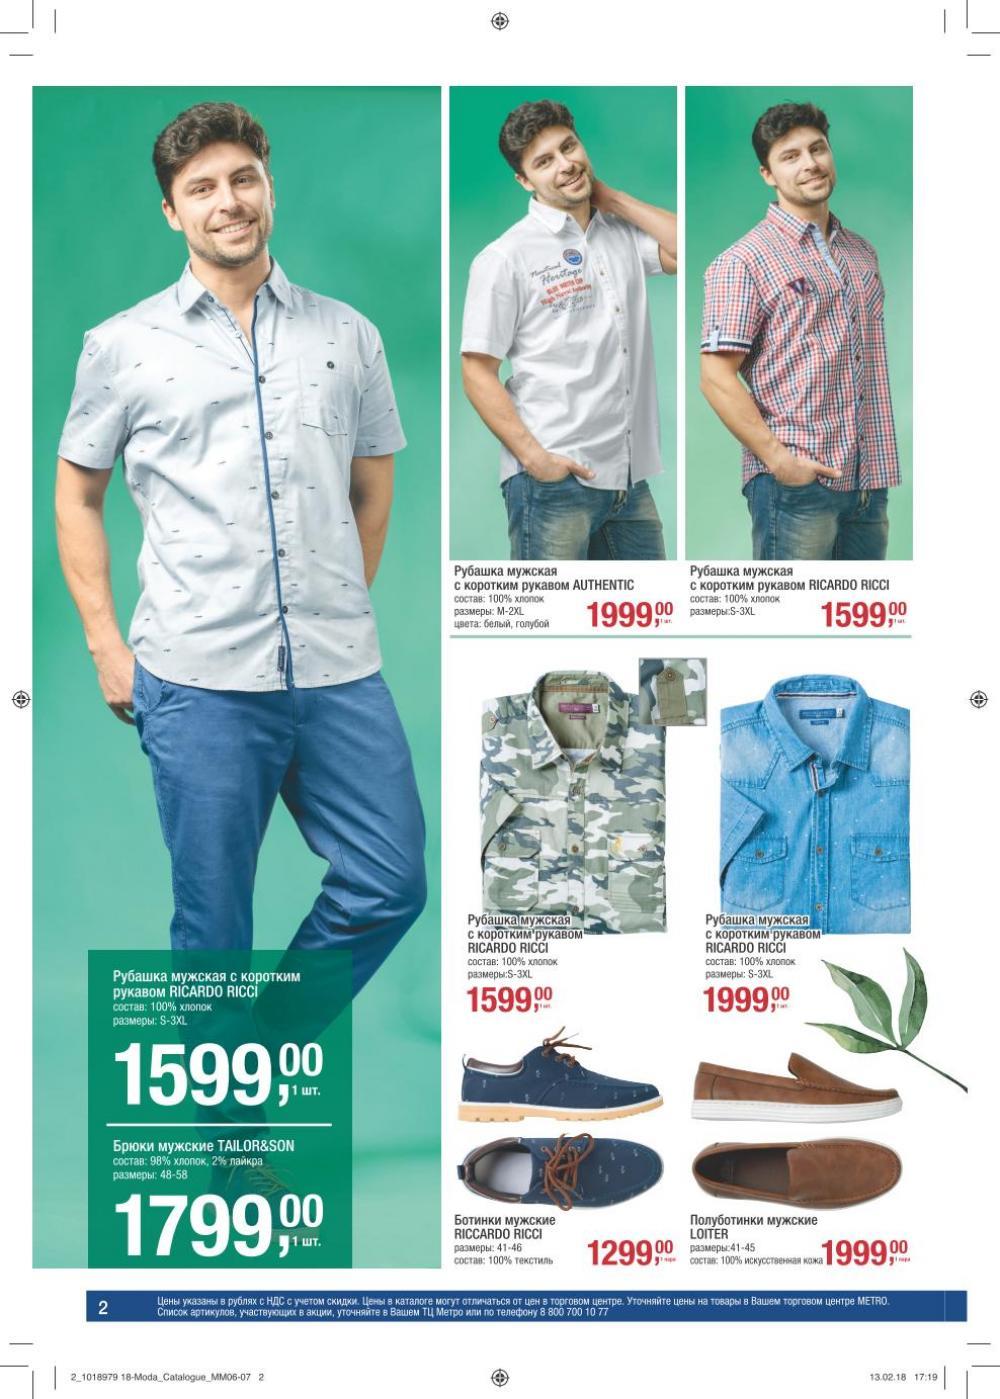 Коллекция мужской одежды в магазинах Метро на лето 2018